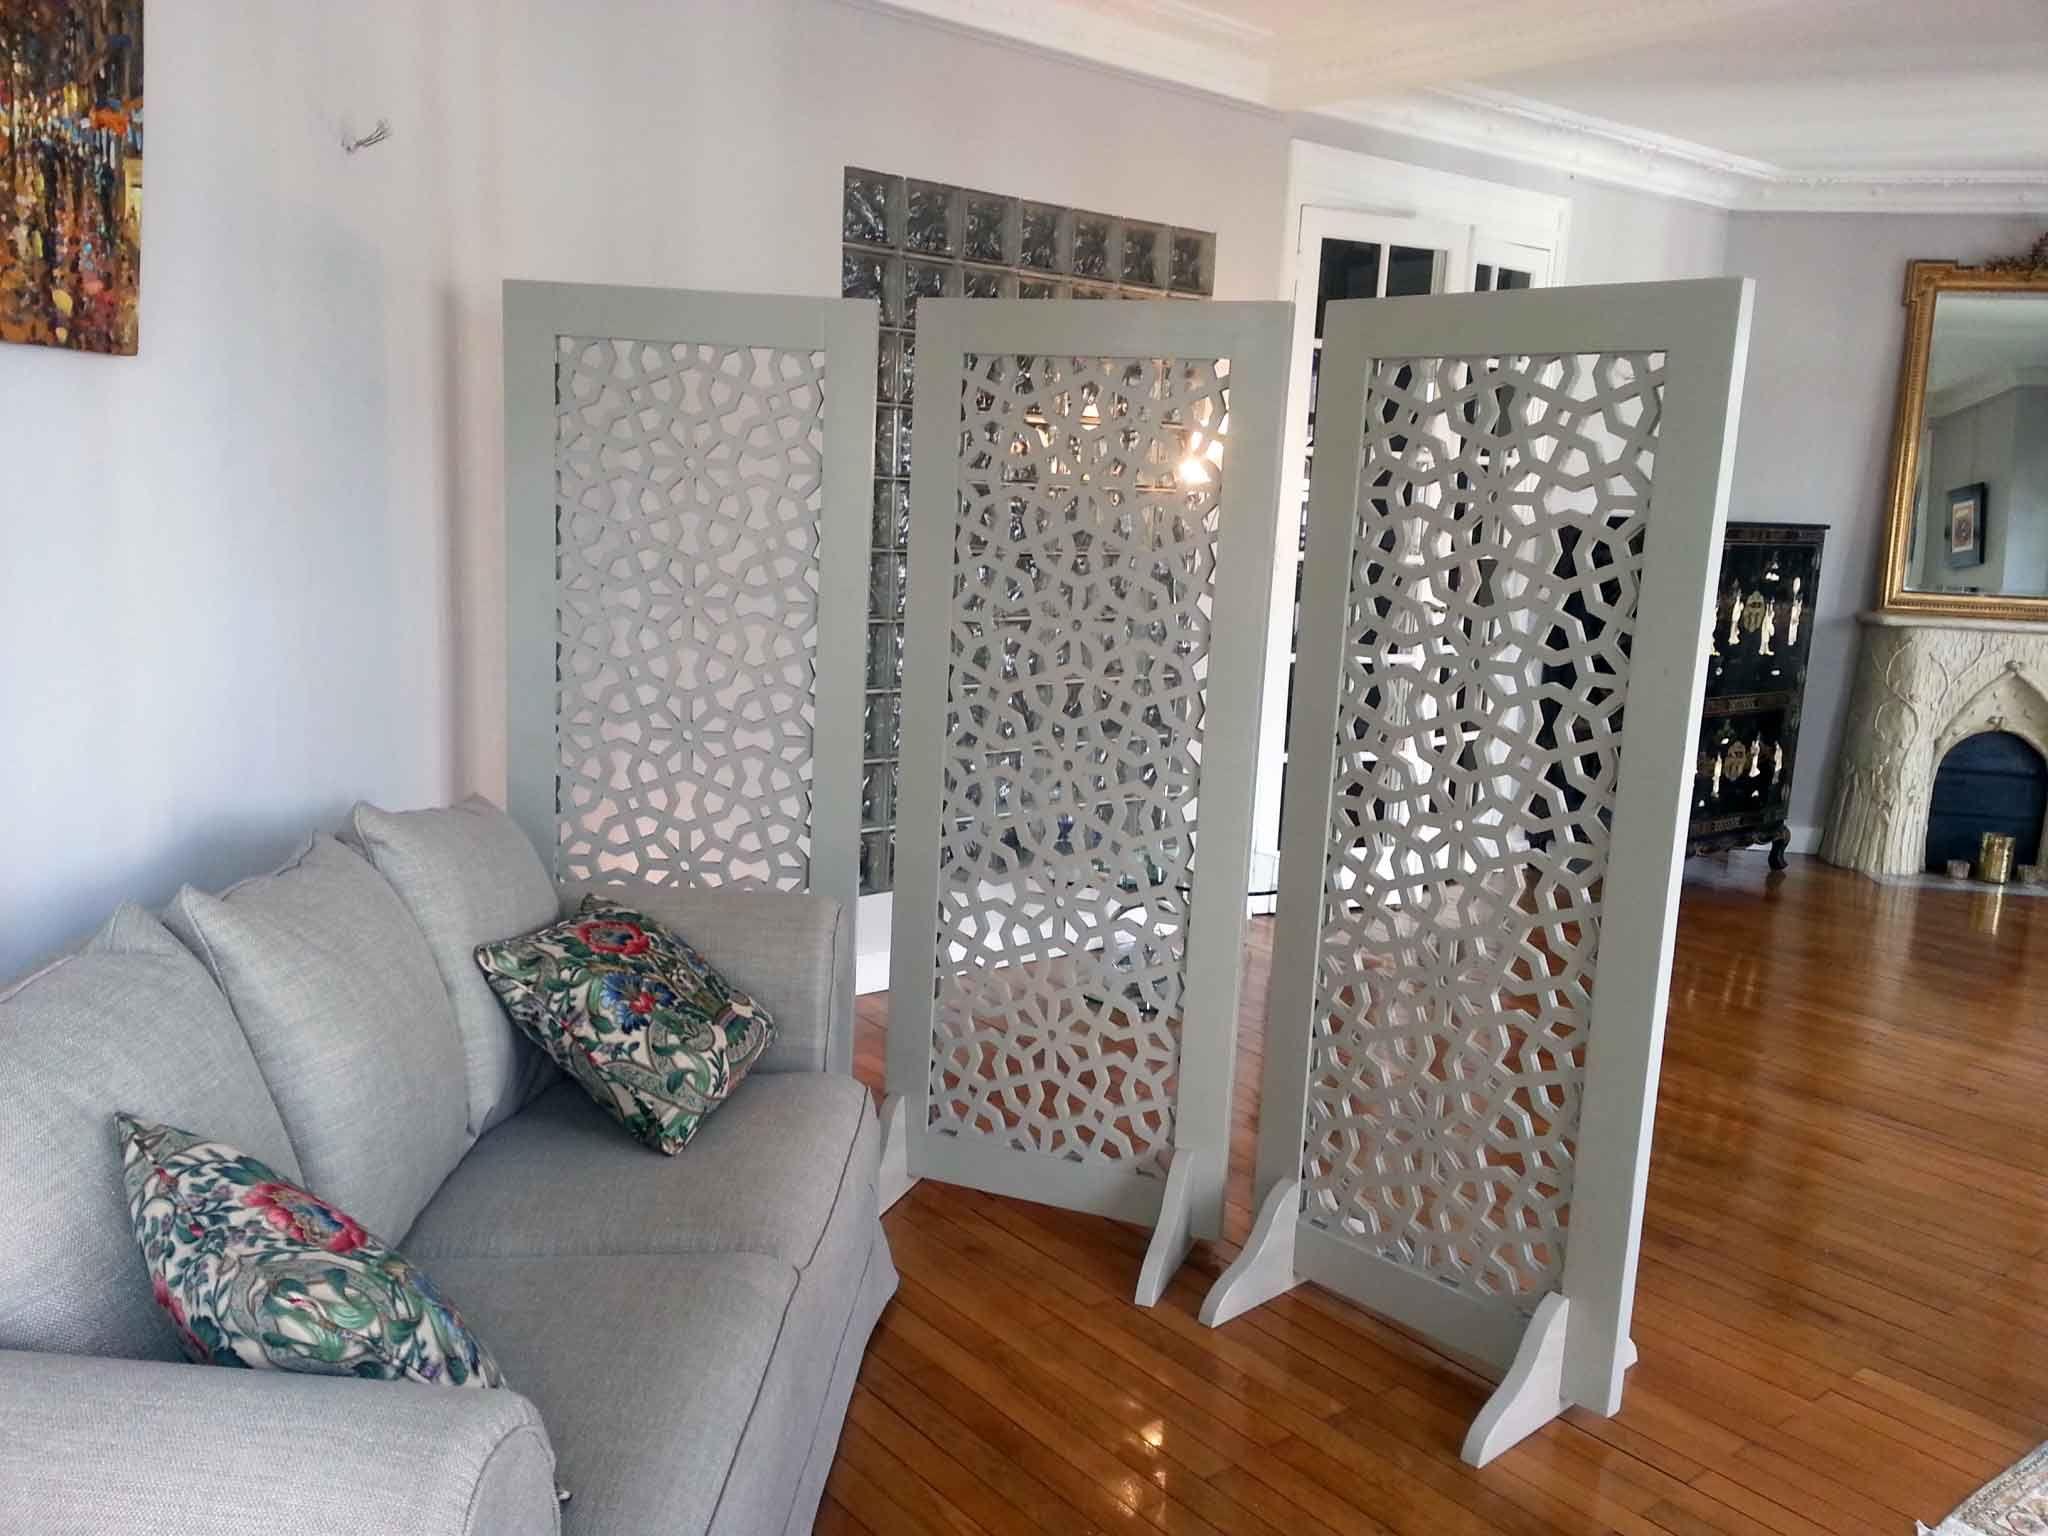 claustra sous forme de paravent int rieur d co pinterest claustra paravent et forme de. Black Bedroom Furniture Sets. Home Design Ideas